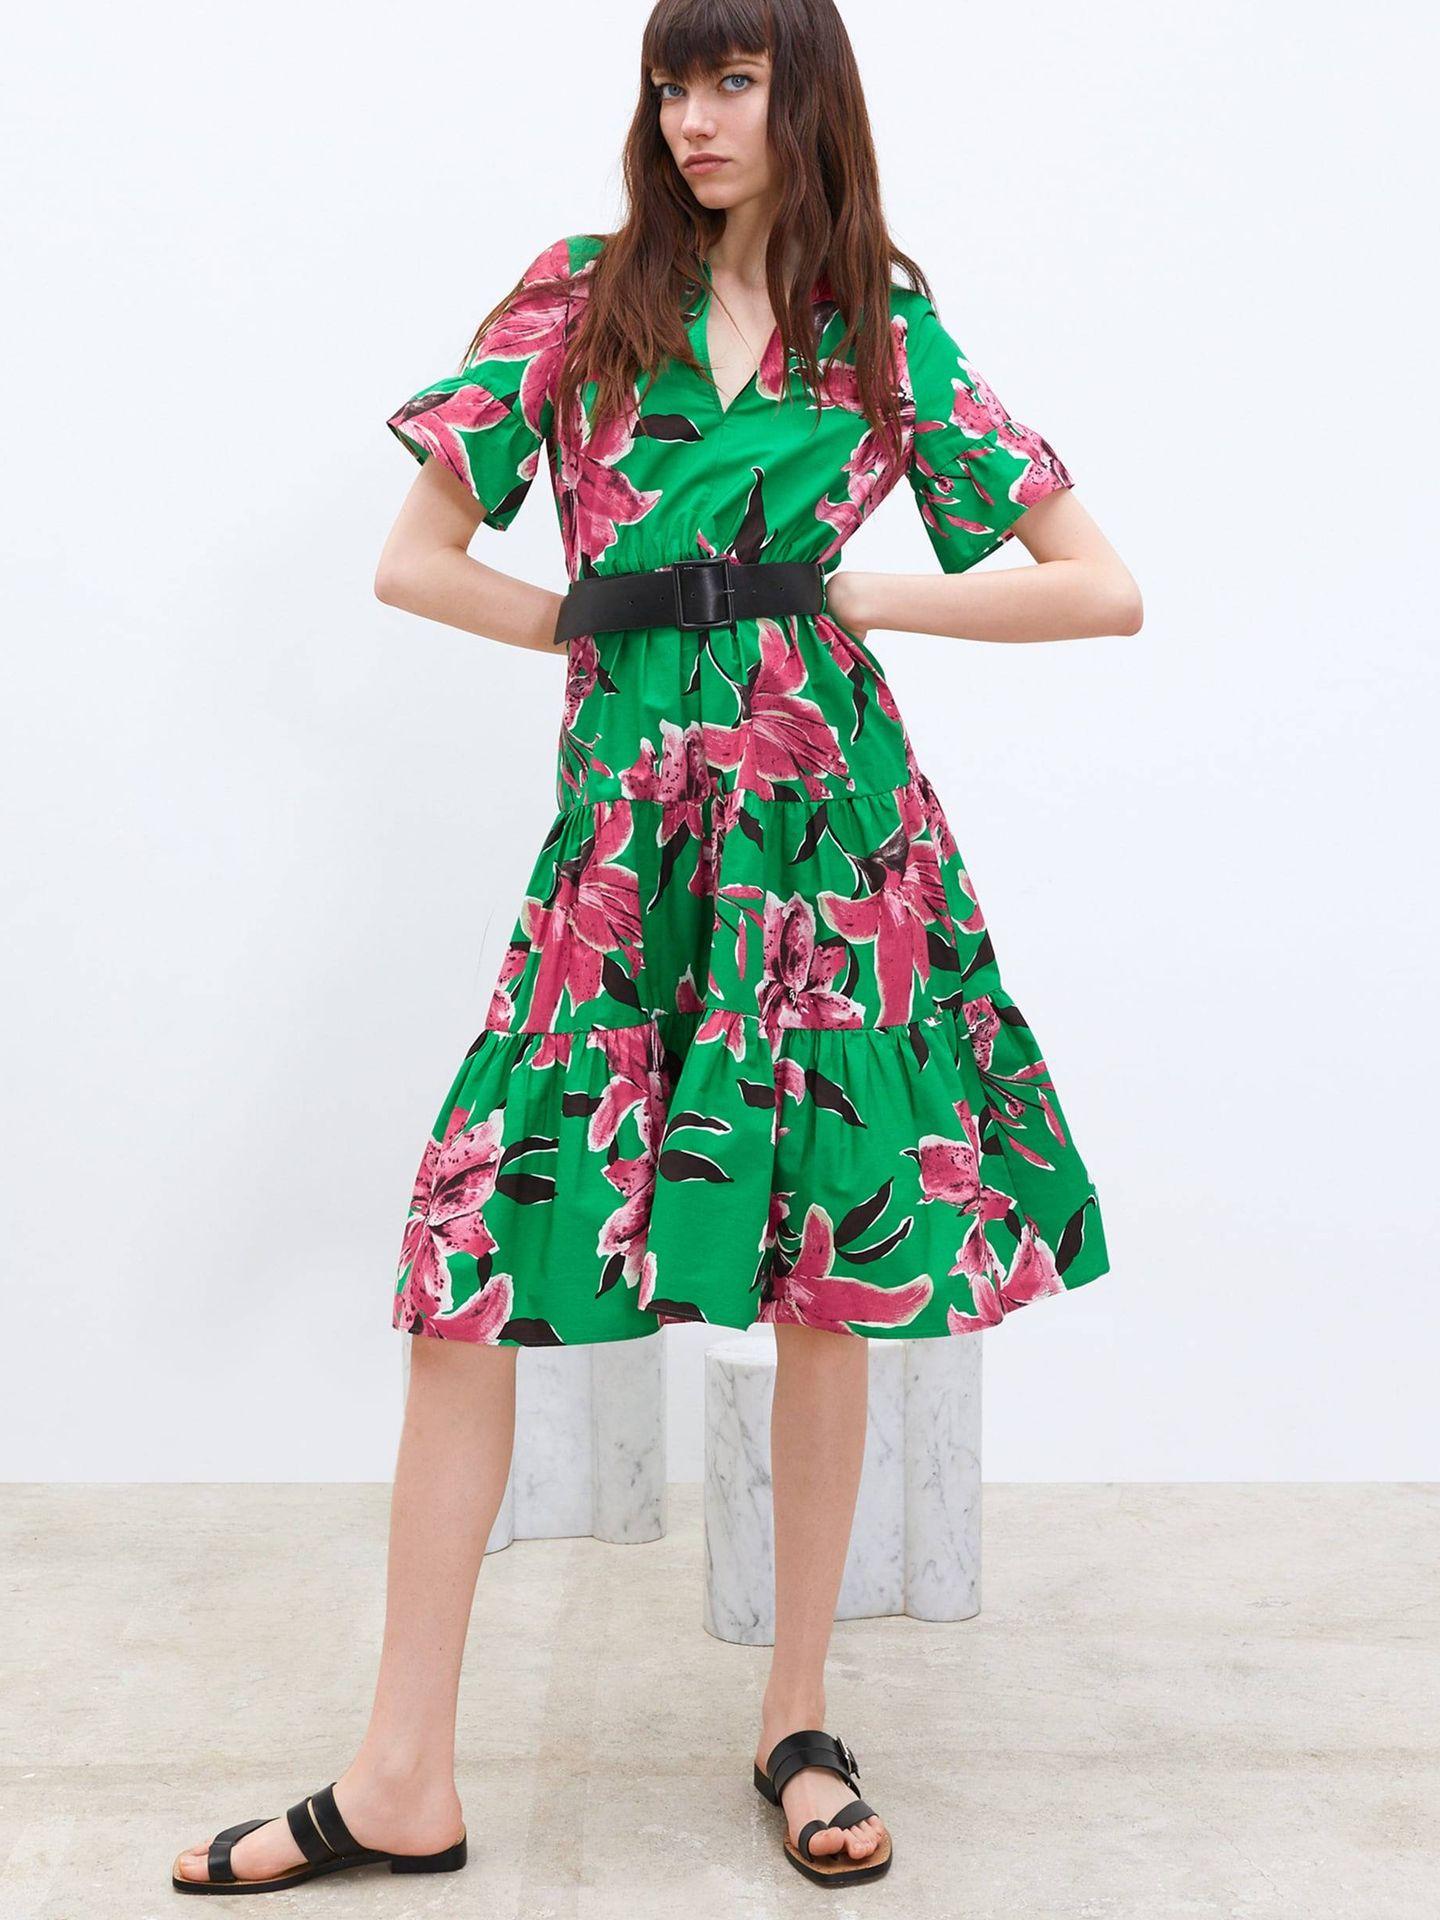 Vestido floral con cinturón de Zara.  (Cortesía)